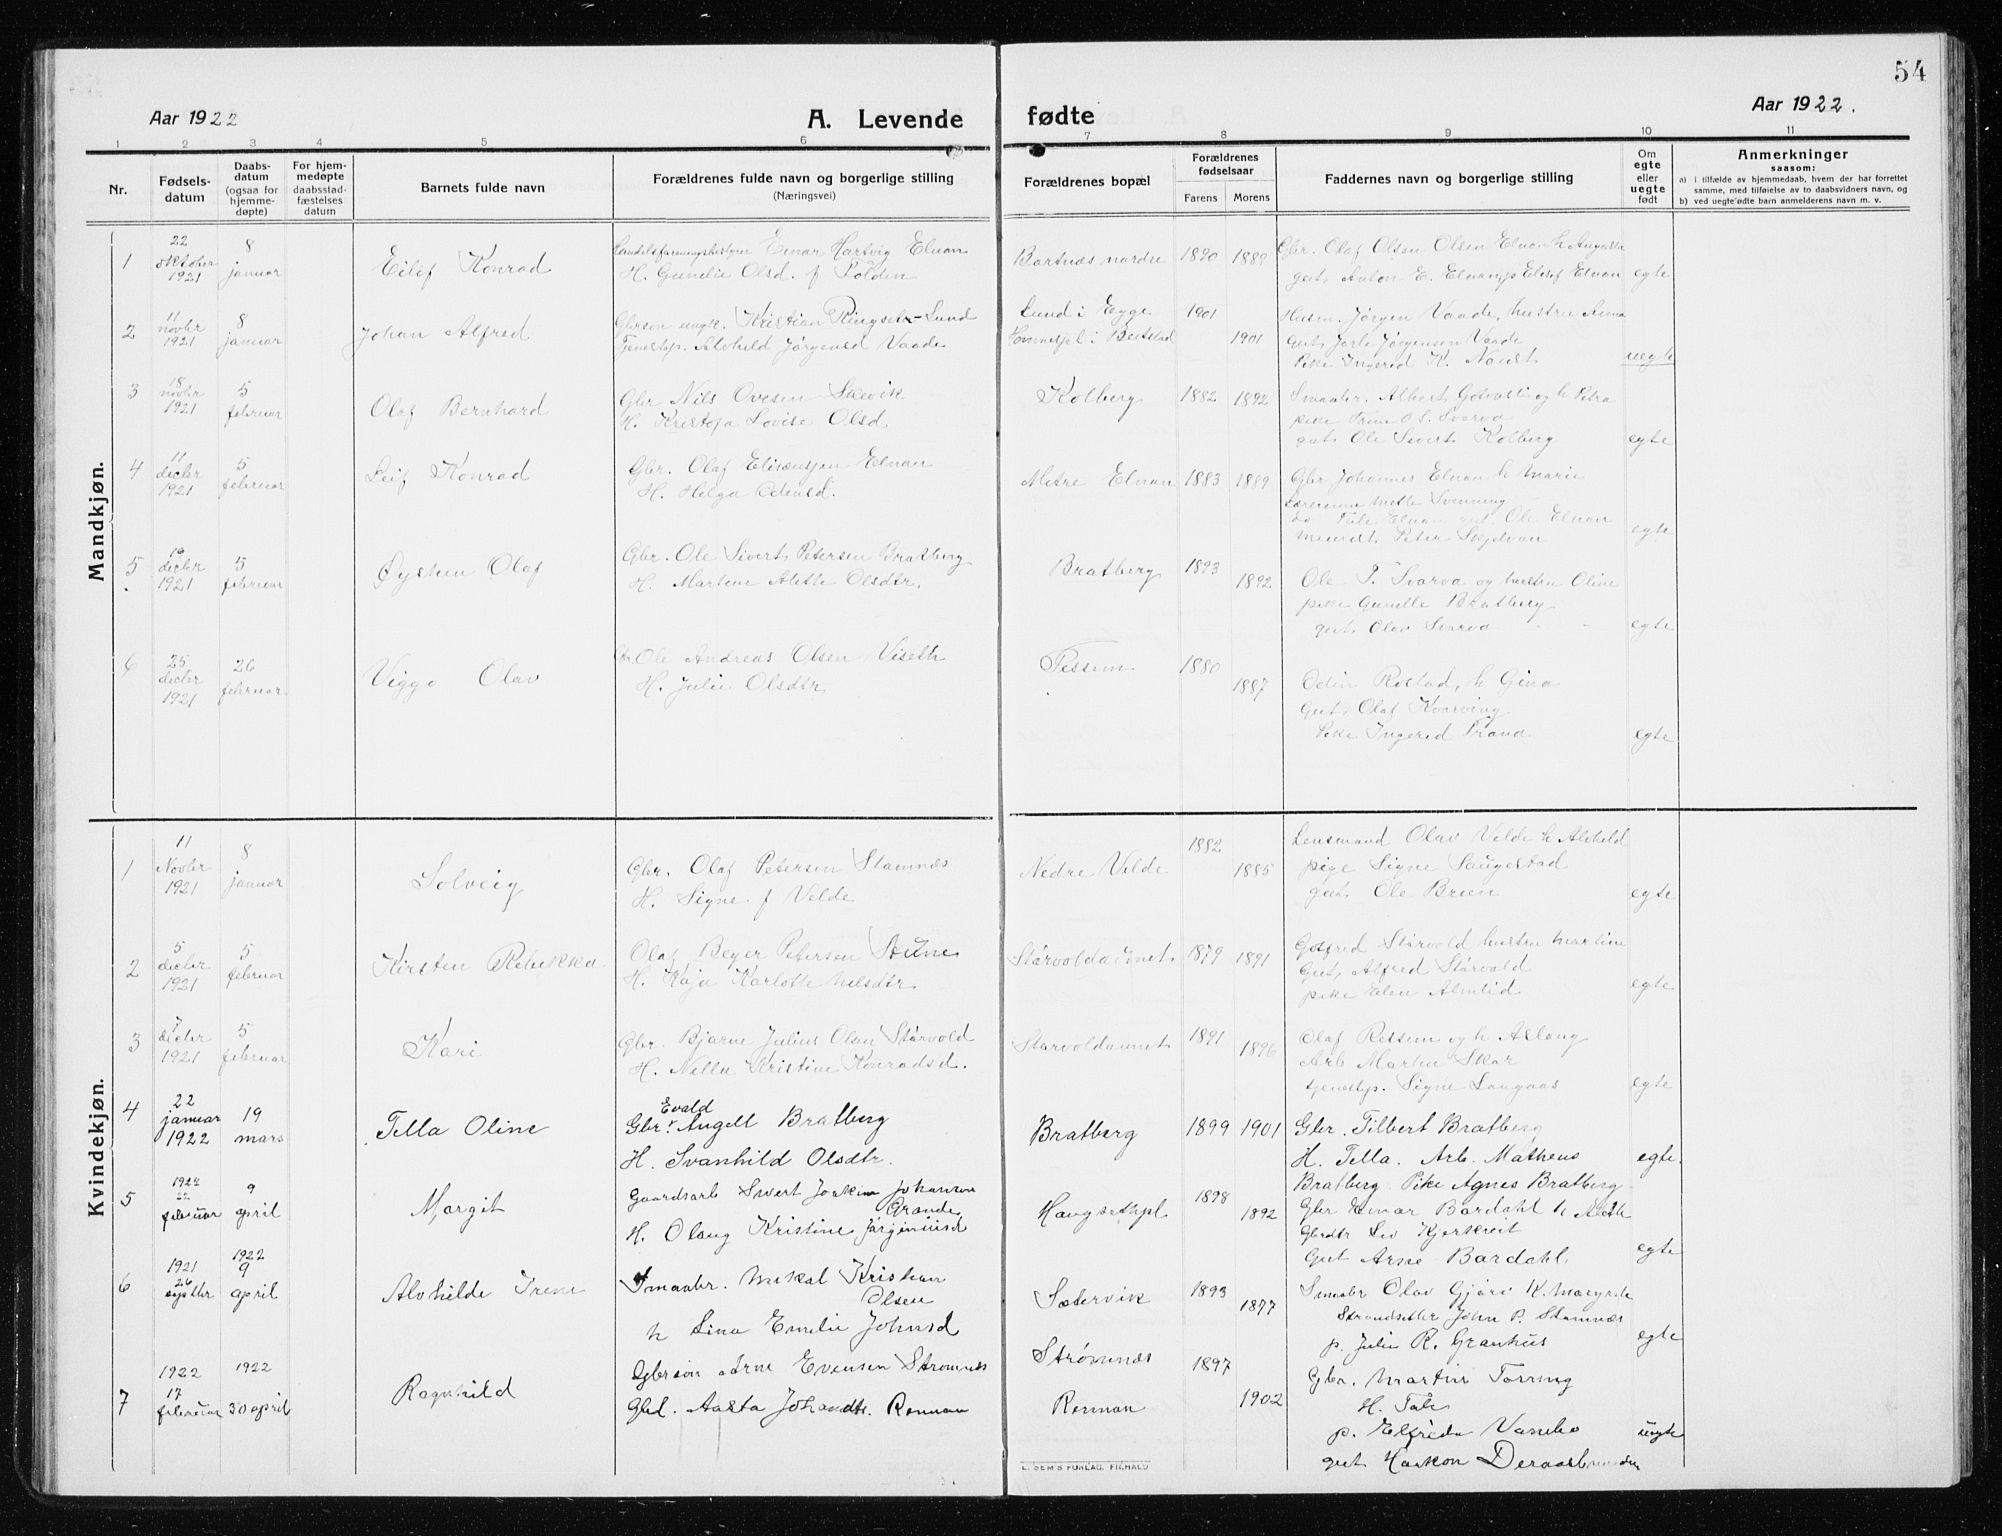 SAT, Ministerialprotokoller, klokkerbøker og fødselsregistre - Nord-Trøndelag, 741/L0402: Klokkerbok nr. 741C03, 1911-1926, s. 54